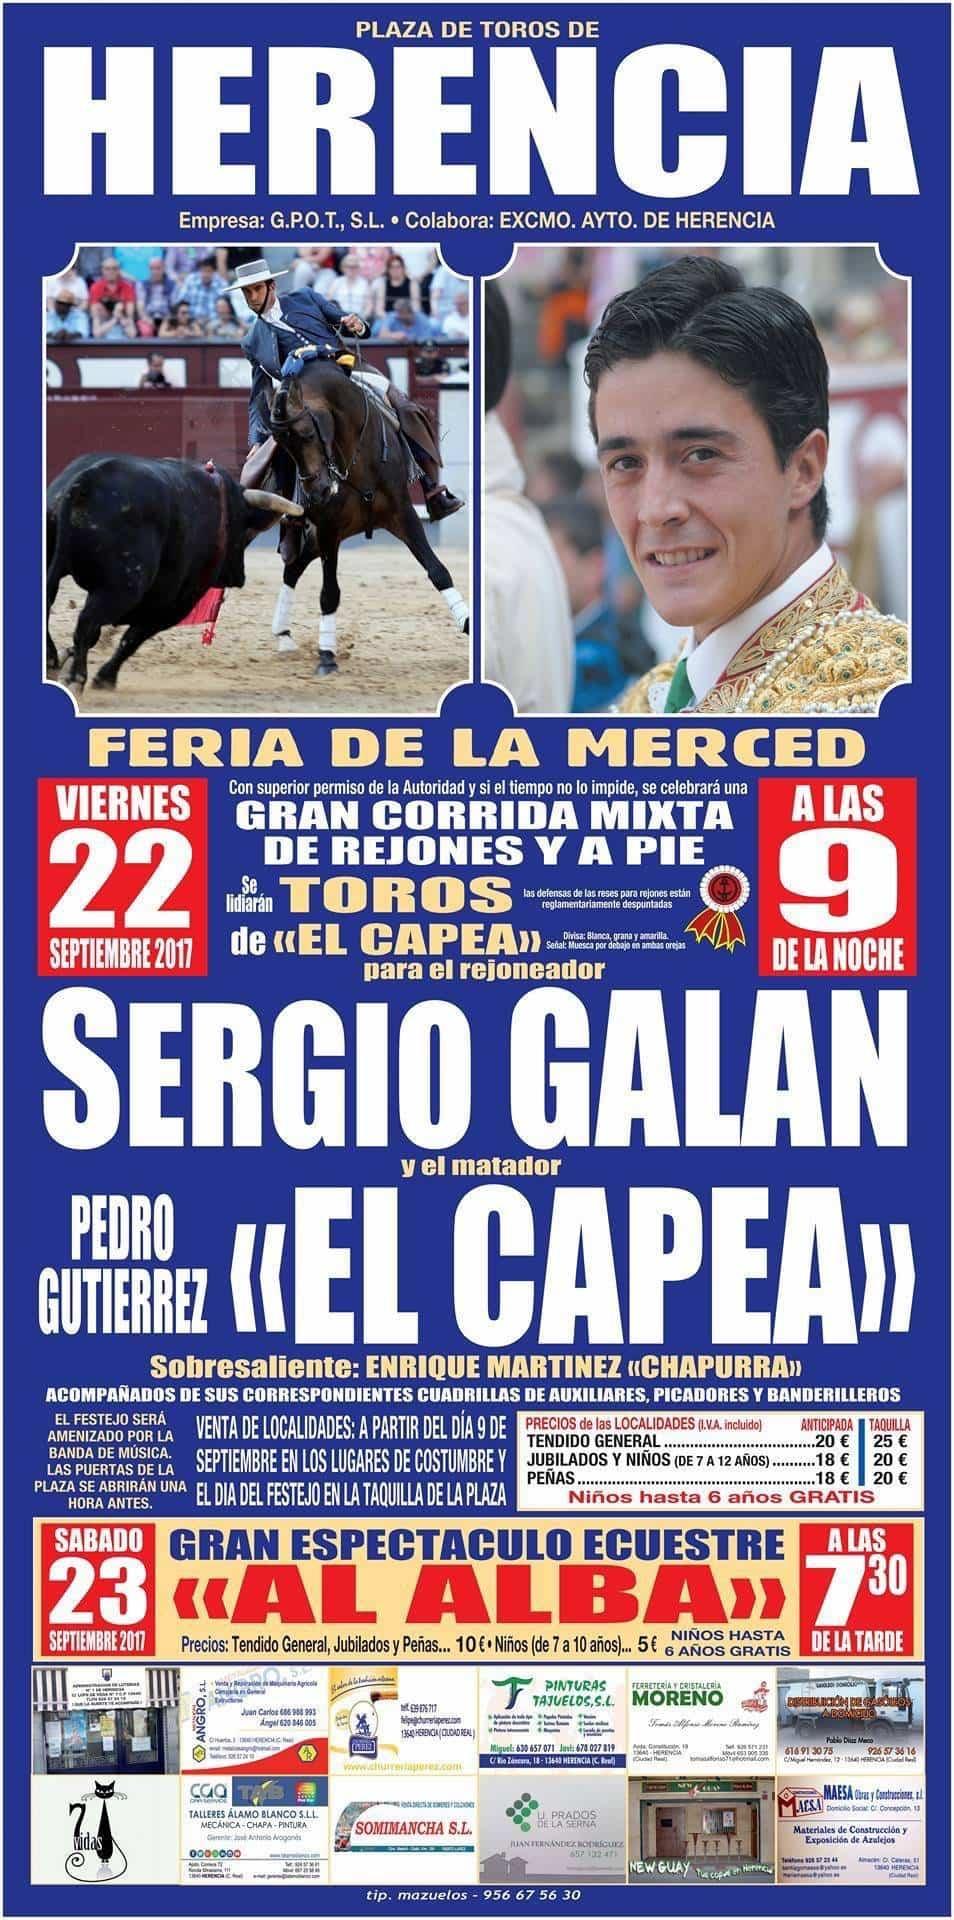 corrida de toros herencia en feria y fiestas 2017 - Corrida de toros con motivo de la Feria y Fiestas 2017 de Herencia